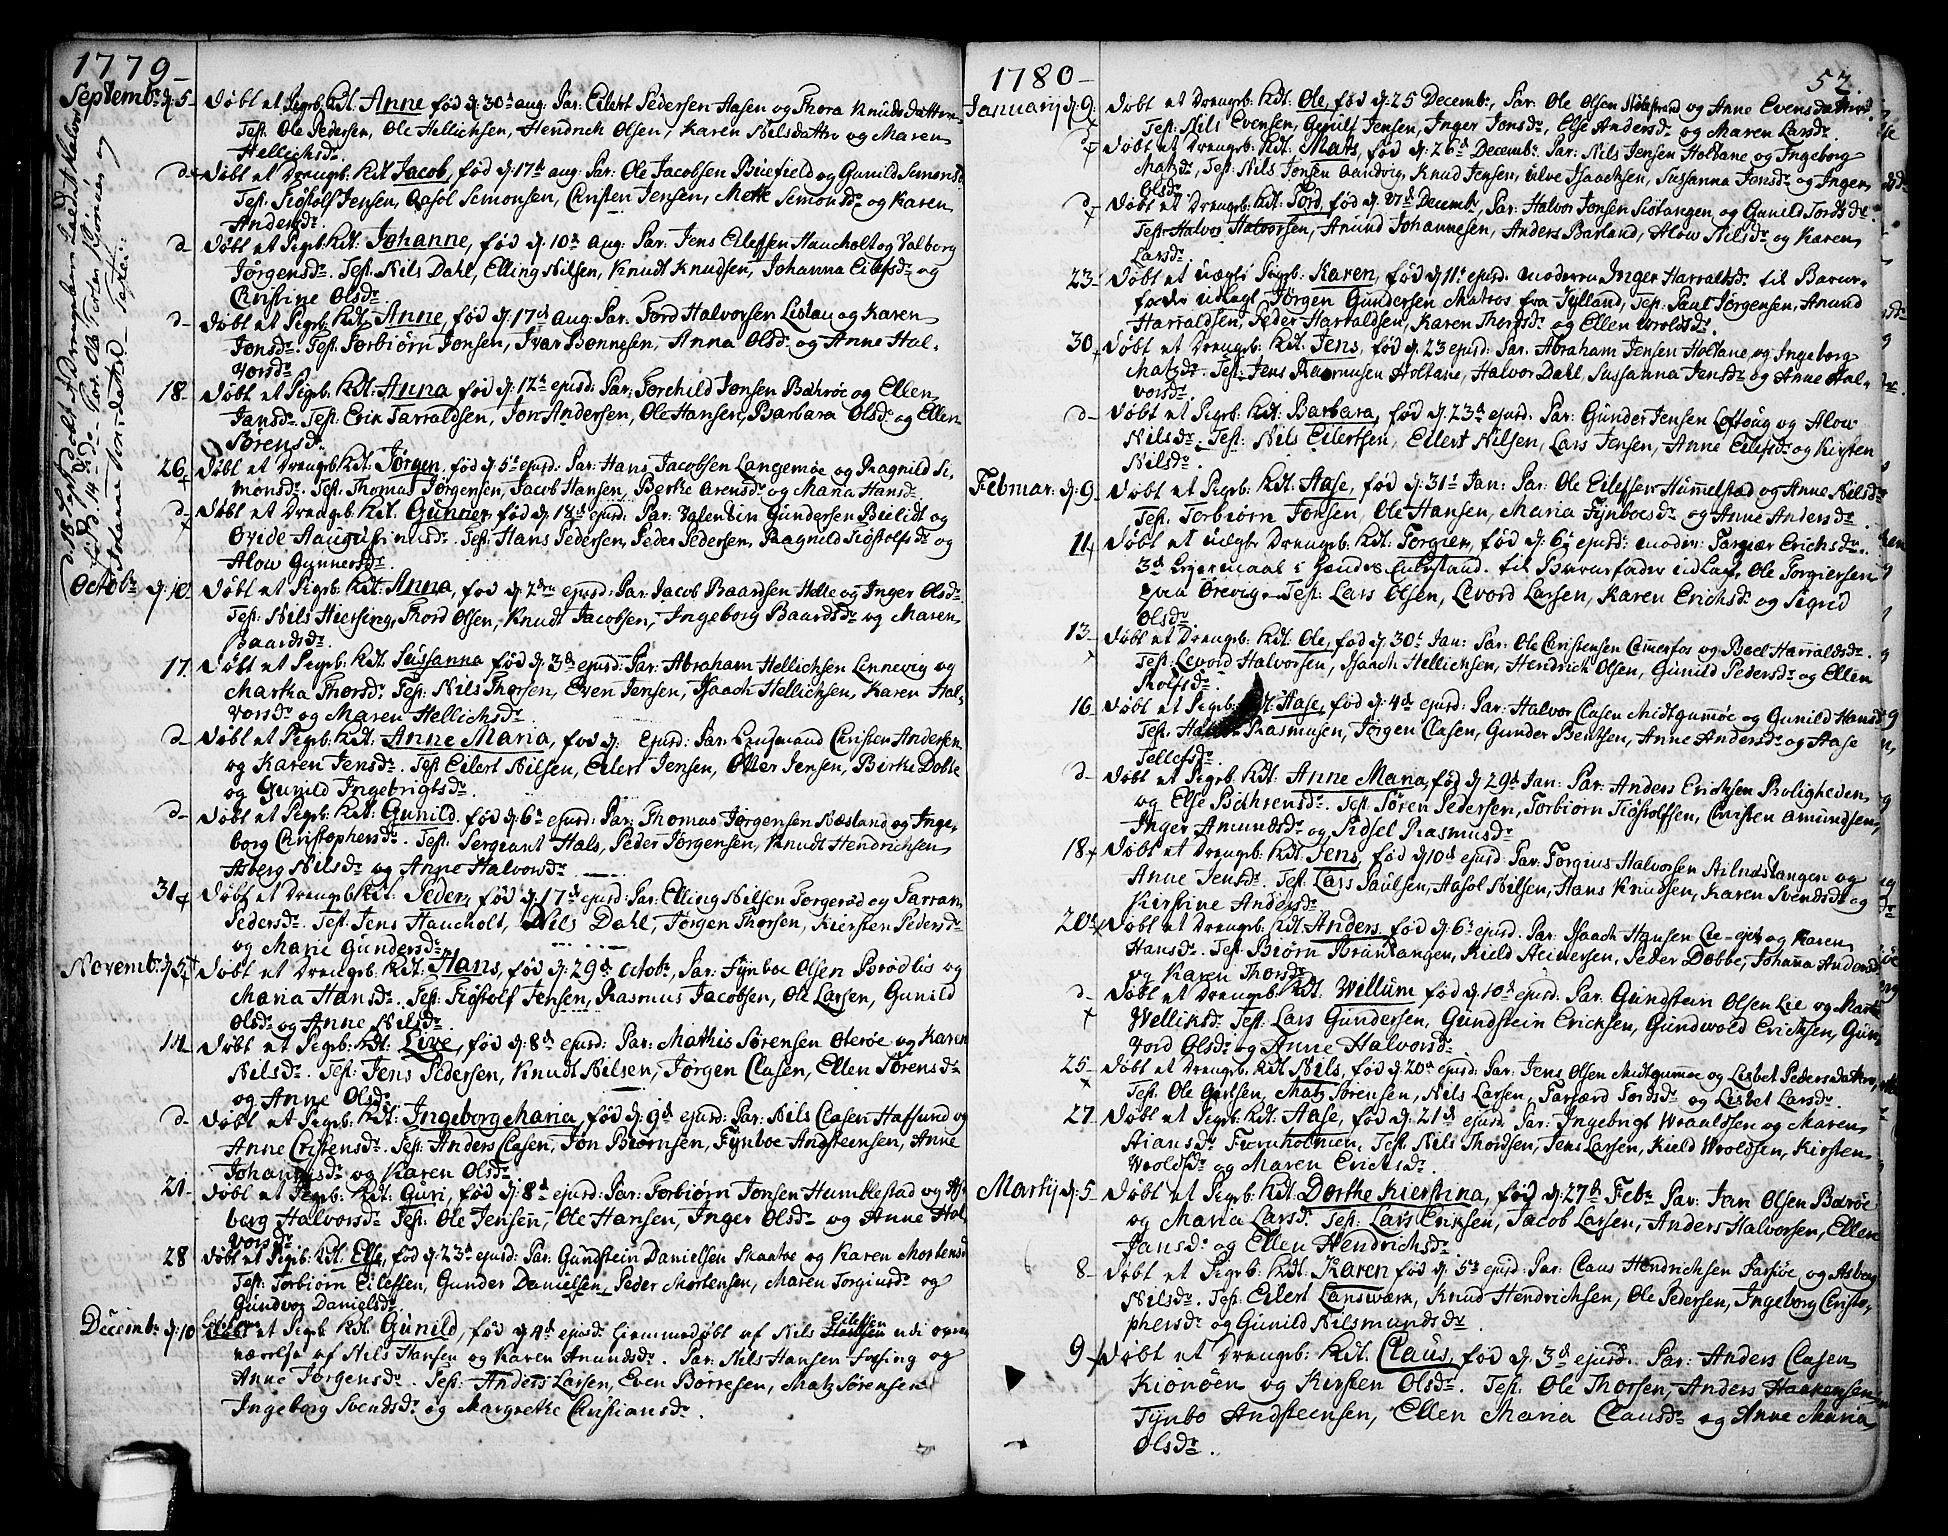 SAKO, Sannidal kirkebøker, F/Fa/L0002: Ministerialbok nr. 2, 1767-1802, s. 52